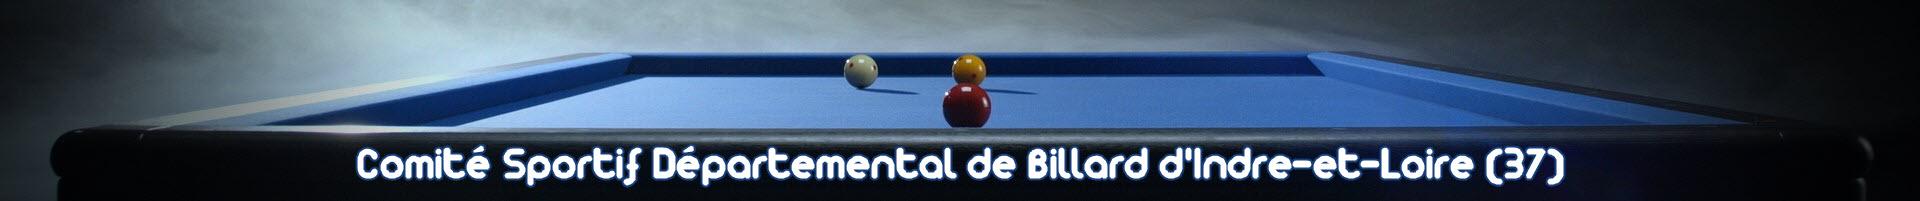 Comité Sportif Départemental de Billard d'Indre-et-Loire